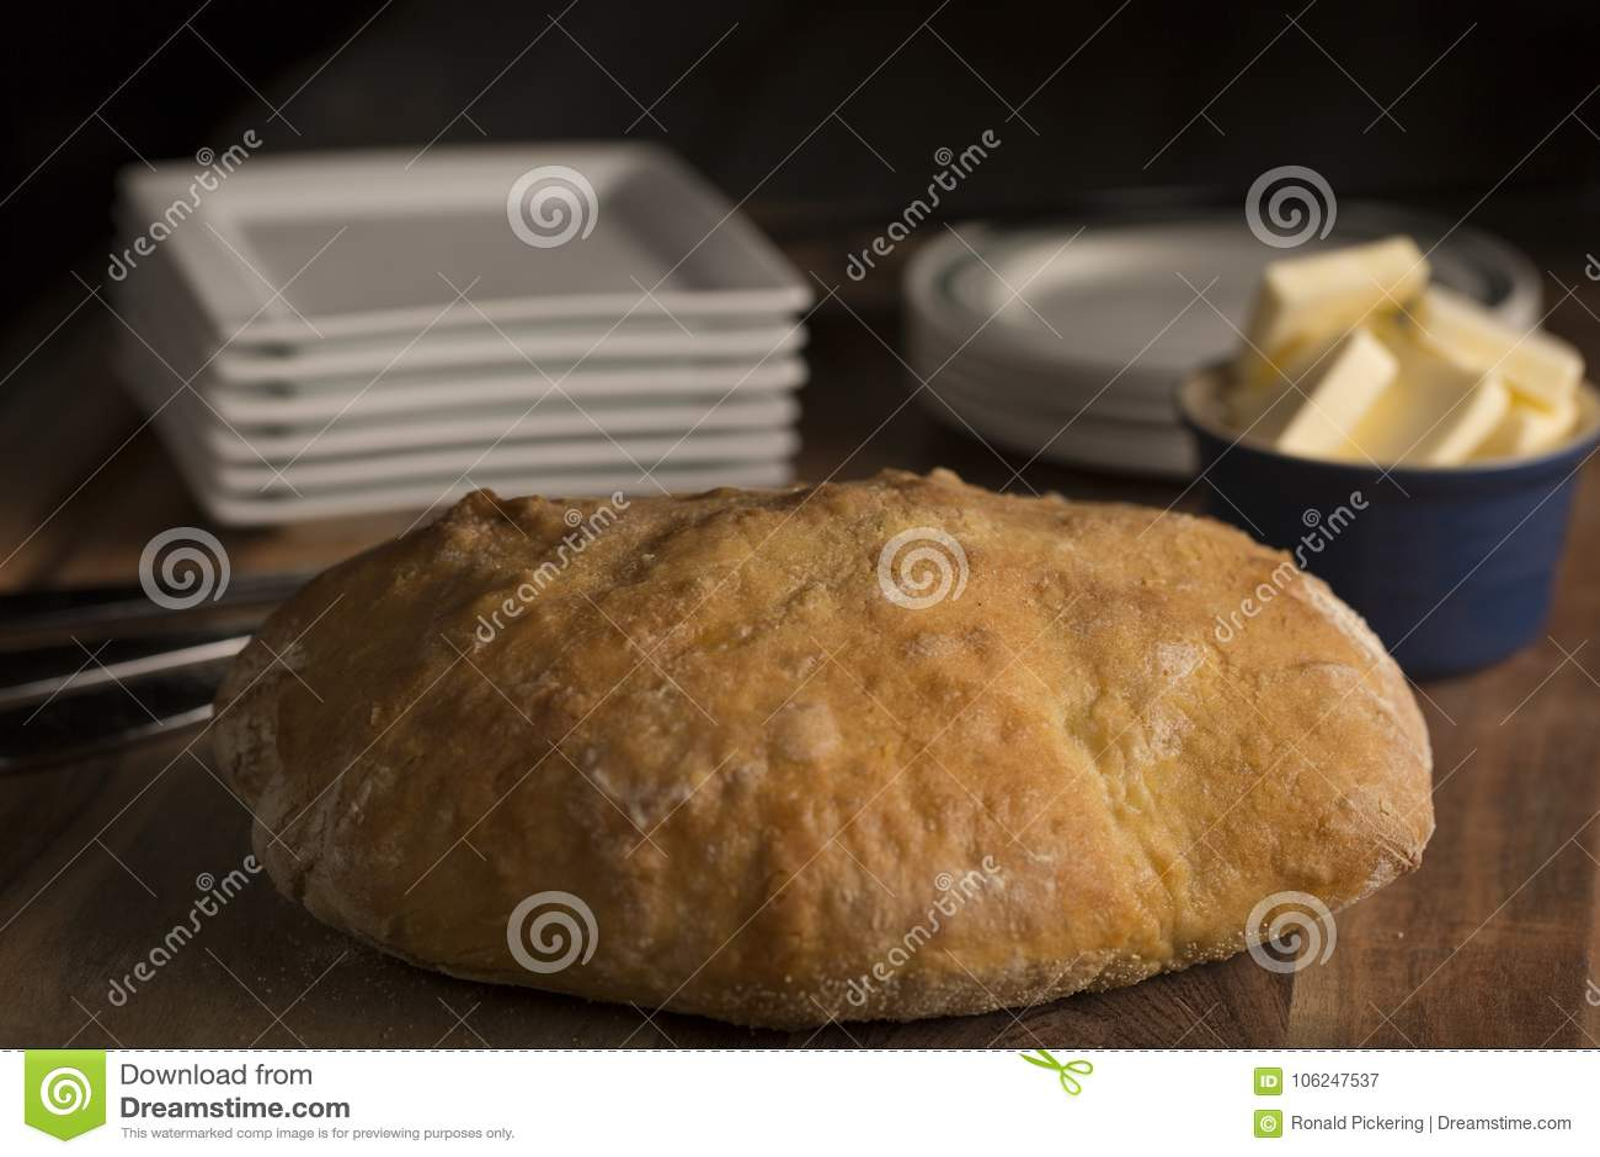 Πλήρης φραντζόλα ψωμιού Pugliese αγροτική ιταλική με το βούτυρο σε έναν ξύλινο τέμνοντα πίνακα